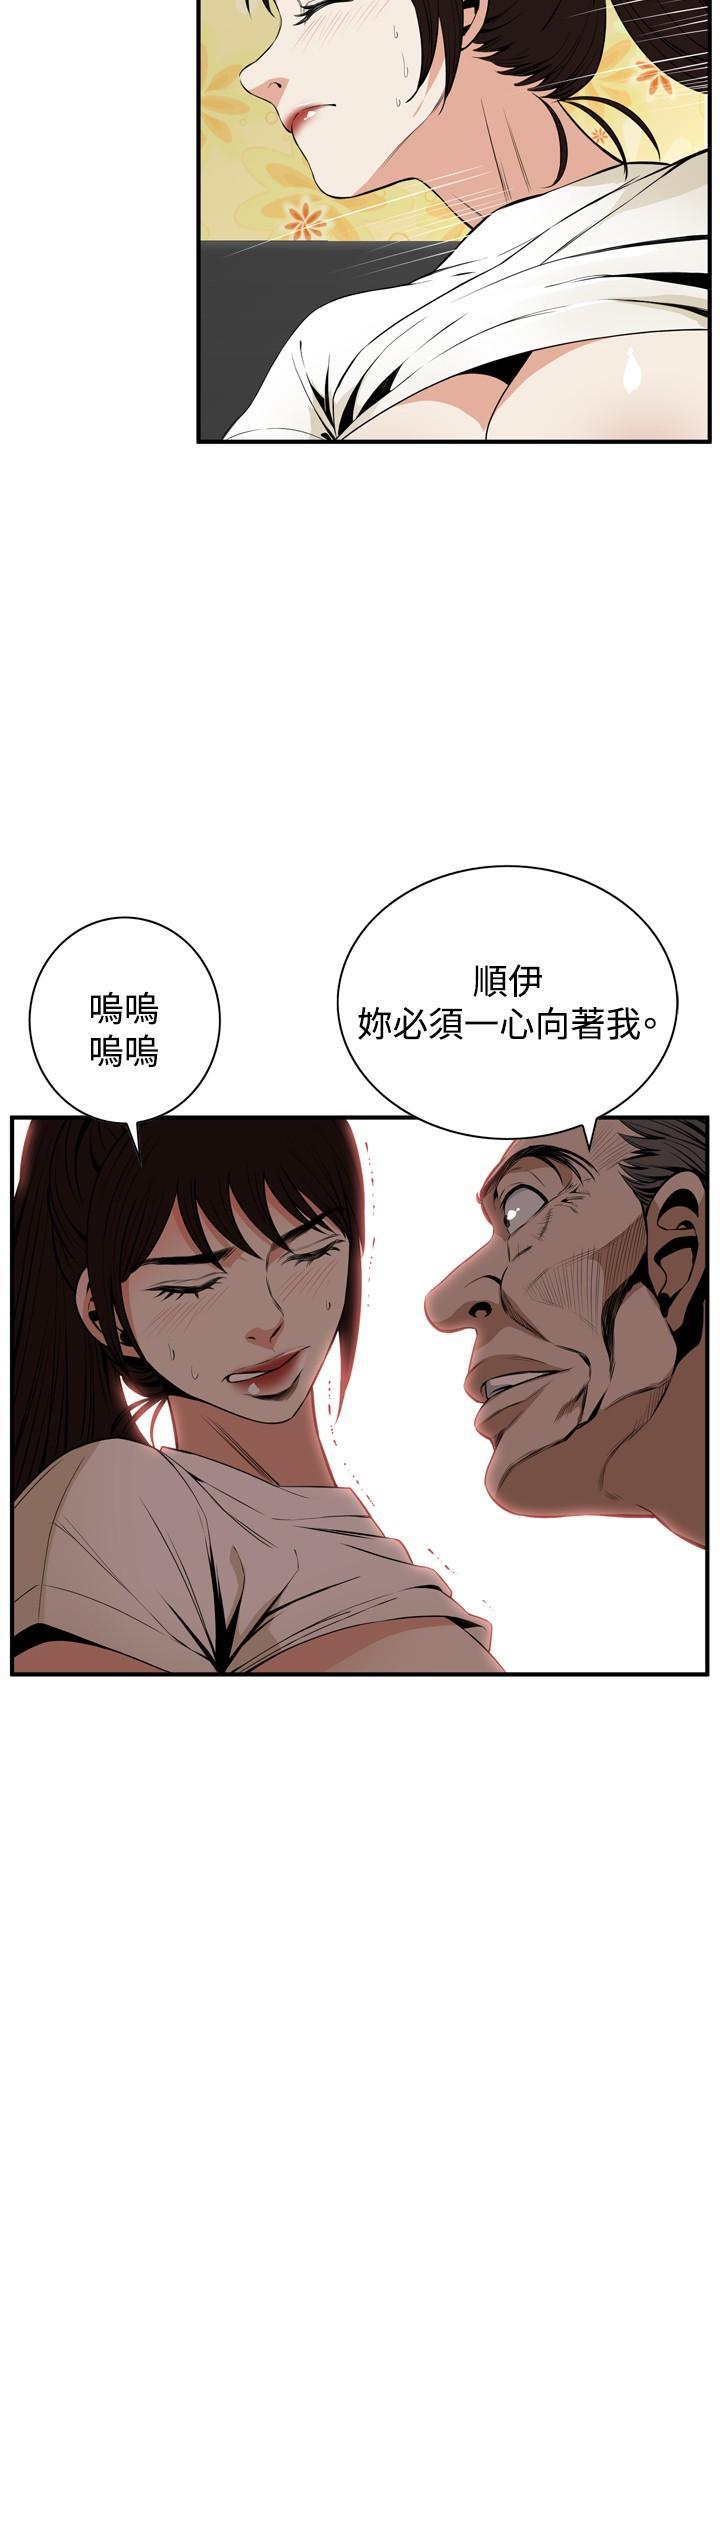 Take a Peek 偷窥 Ch.39-40 9